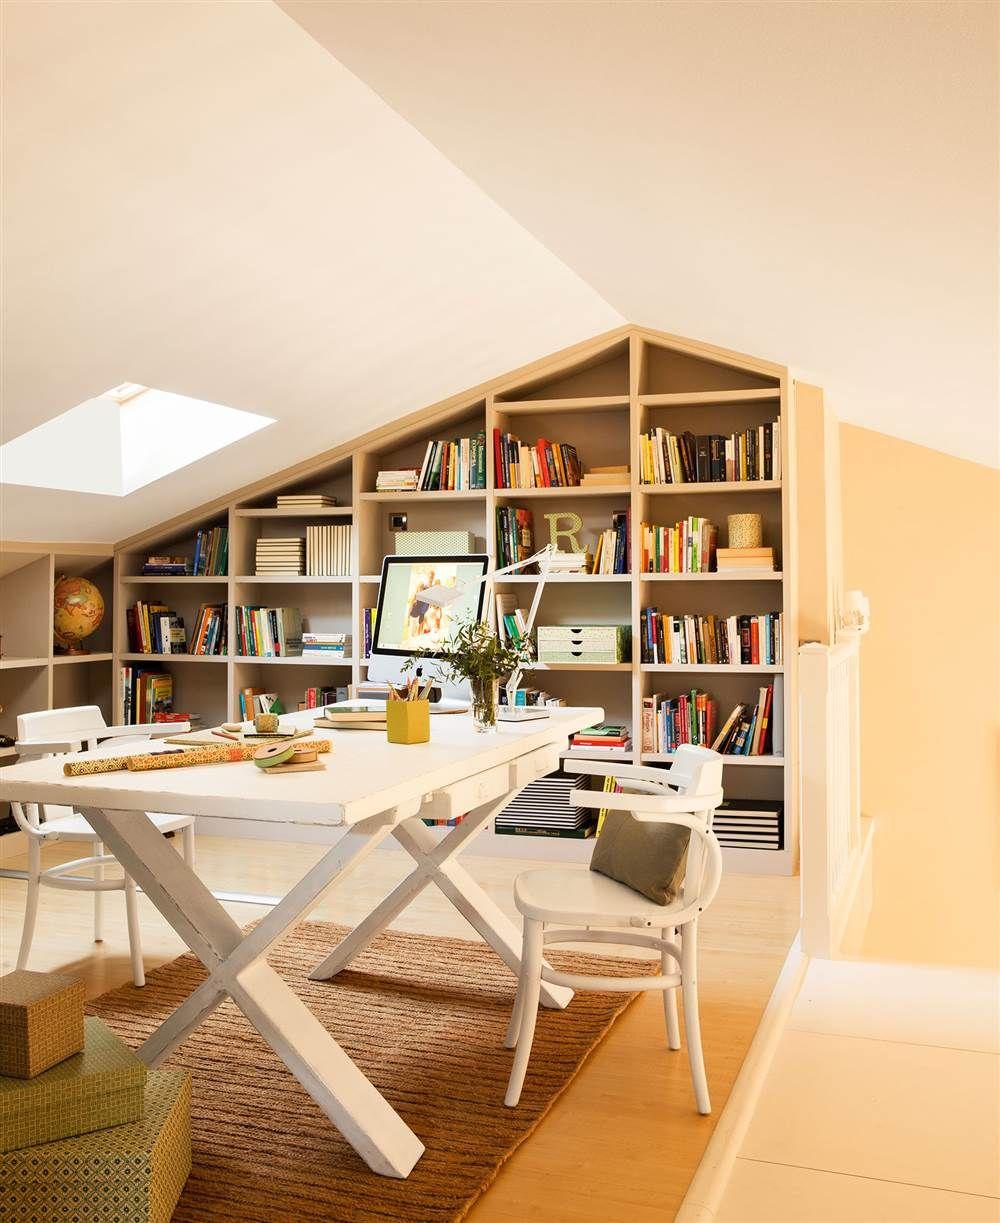 Despacho En Buhardilla Con Librer A A Medida Buhardillas Pinterest # Muebles Para Buardillas